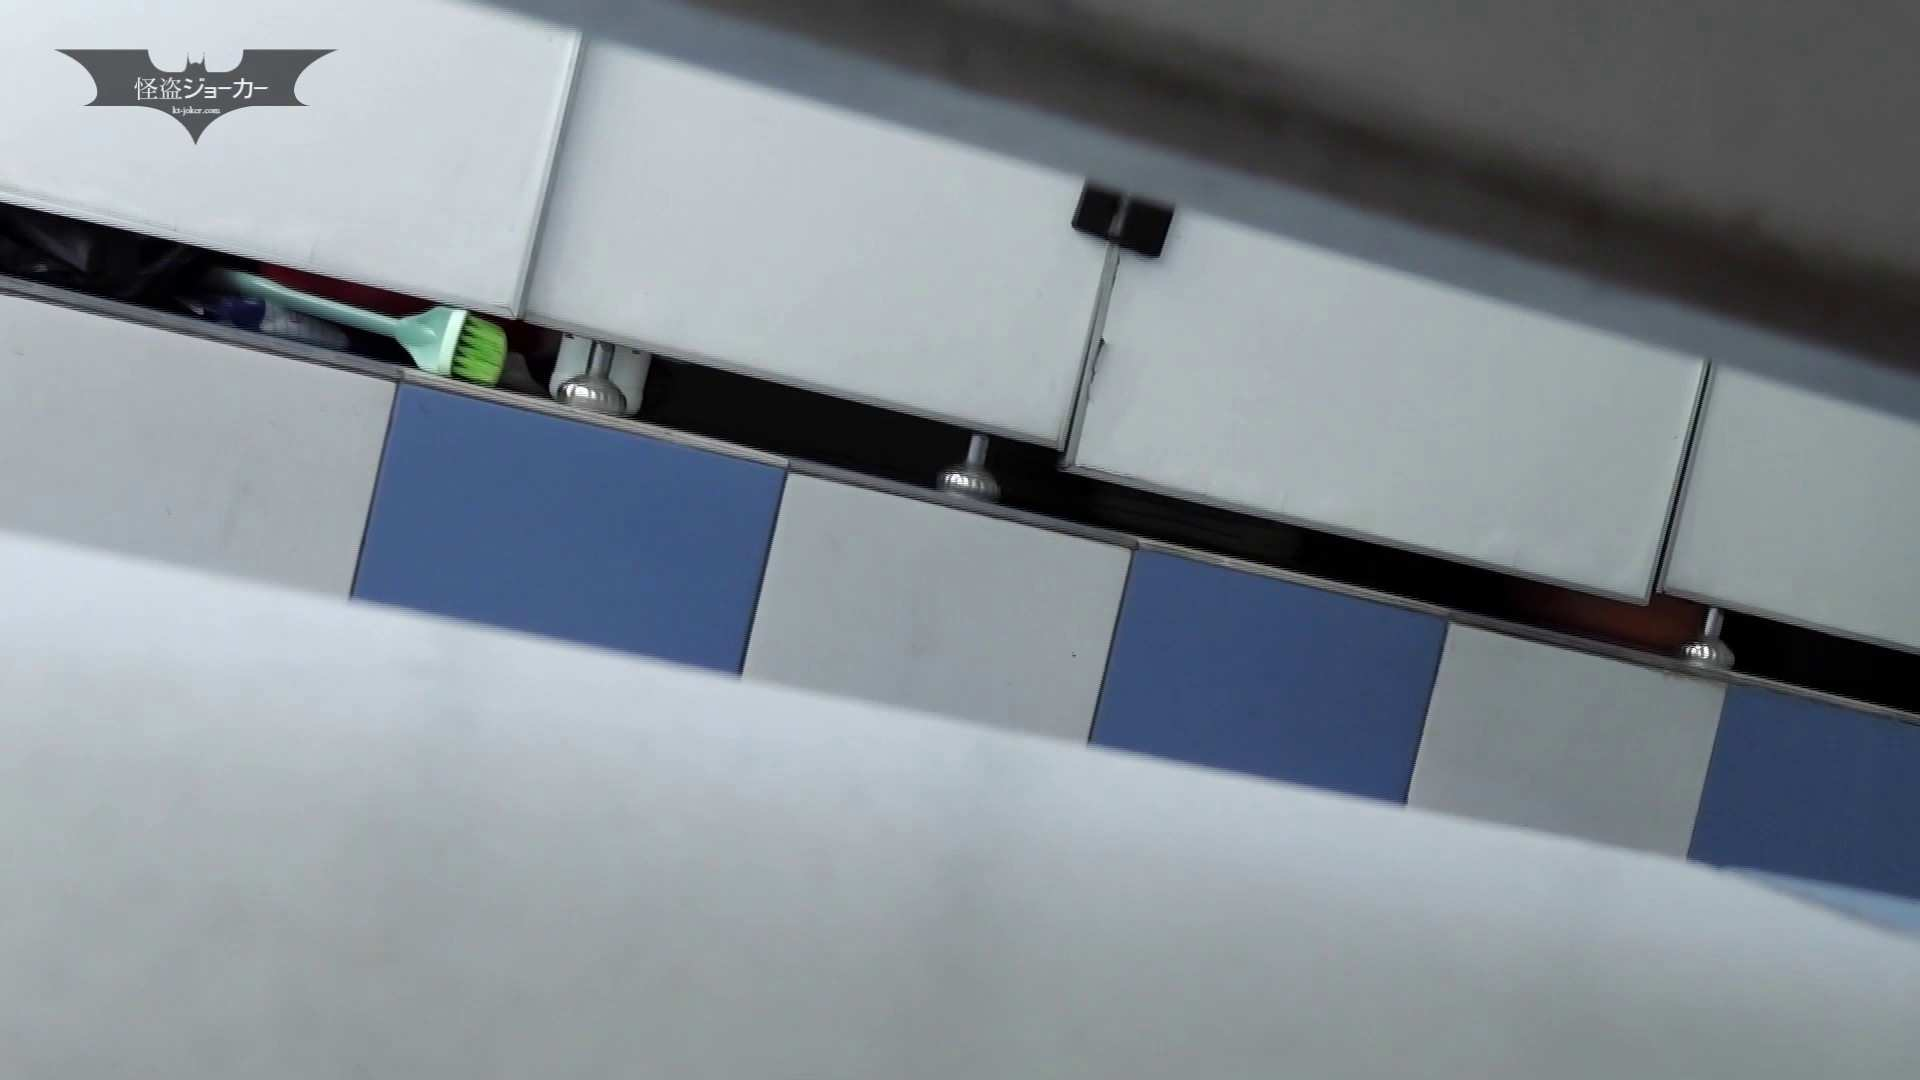 下からノゾム vol.032 走って追跡、そして、カメラ見られ大ピンチ OLの実態   追跡  98pic 39